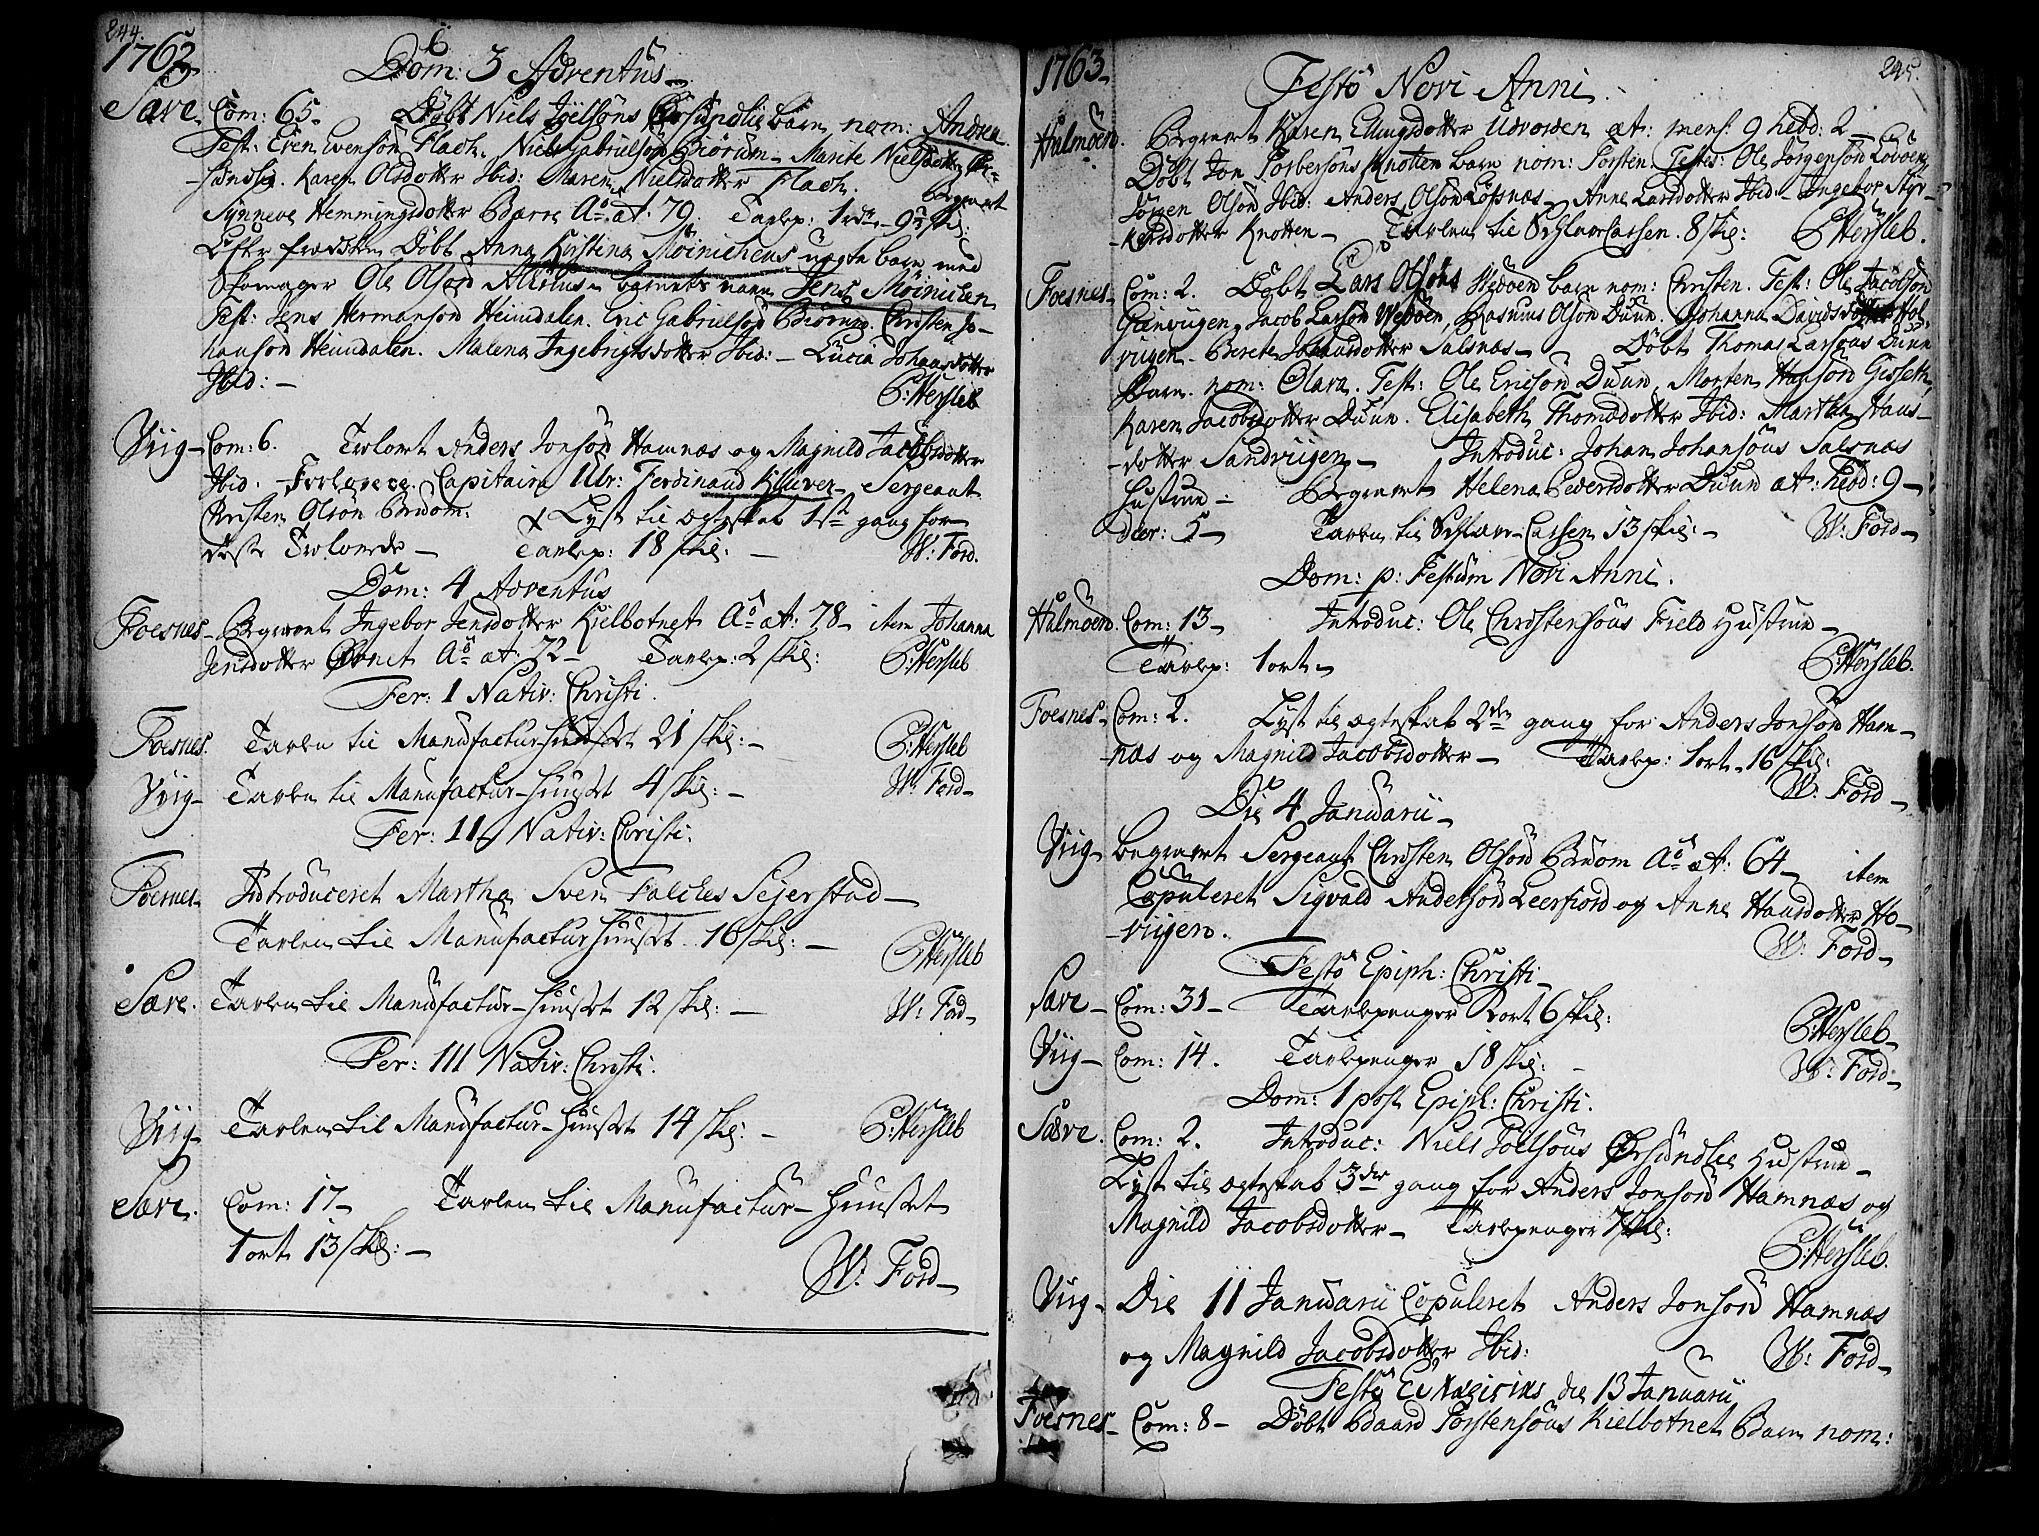 SAT, Ministerialprotokoller, klokkerbøker og fødselsregistre - Nord-Trøndelag, 773/L0607: Ministerialbok nr. 773A01, 1751-1783, s. 244-245